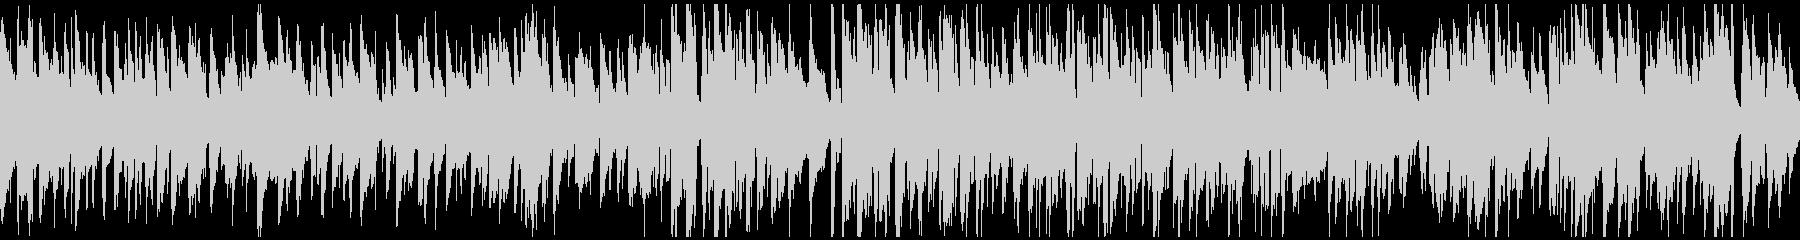 スローテンポなスイングのジャズ※ループ版の未再生の波形